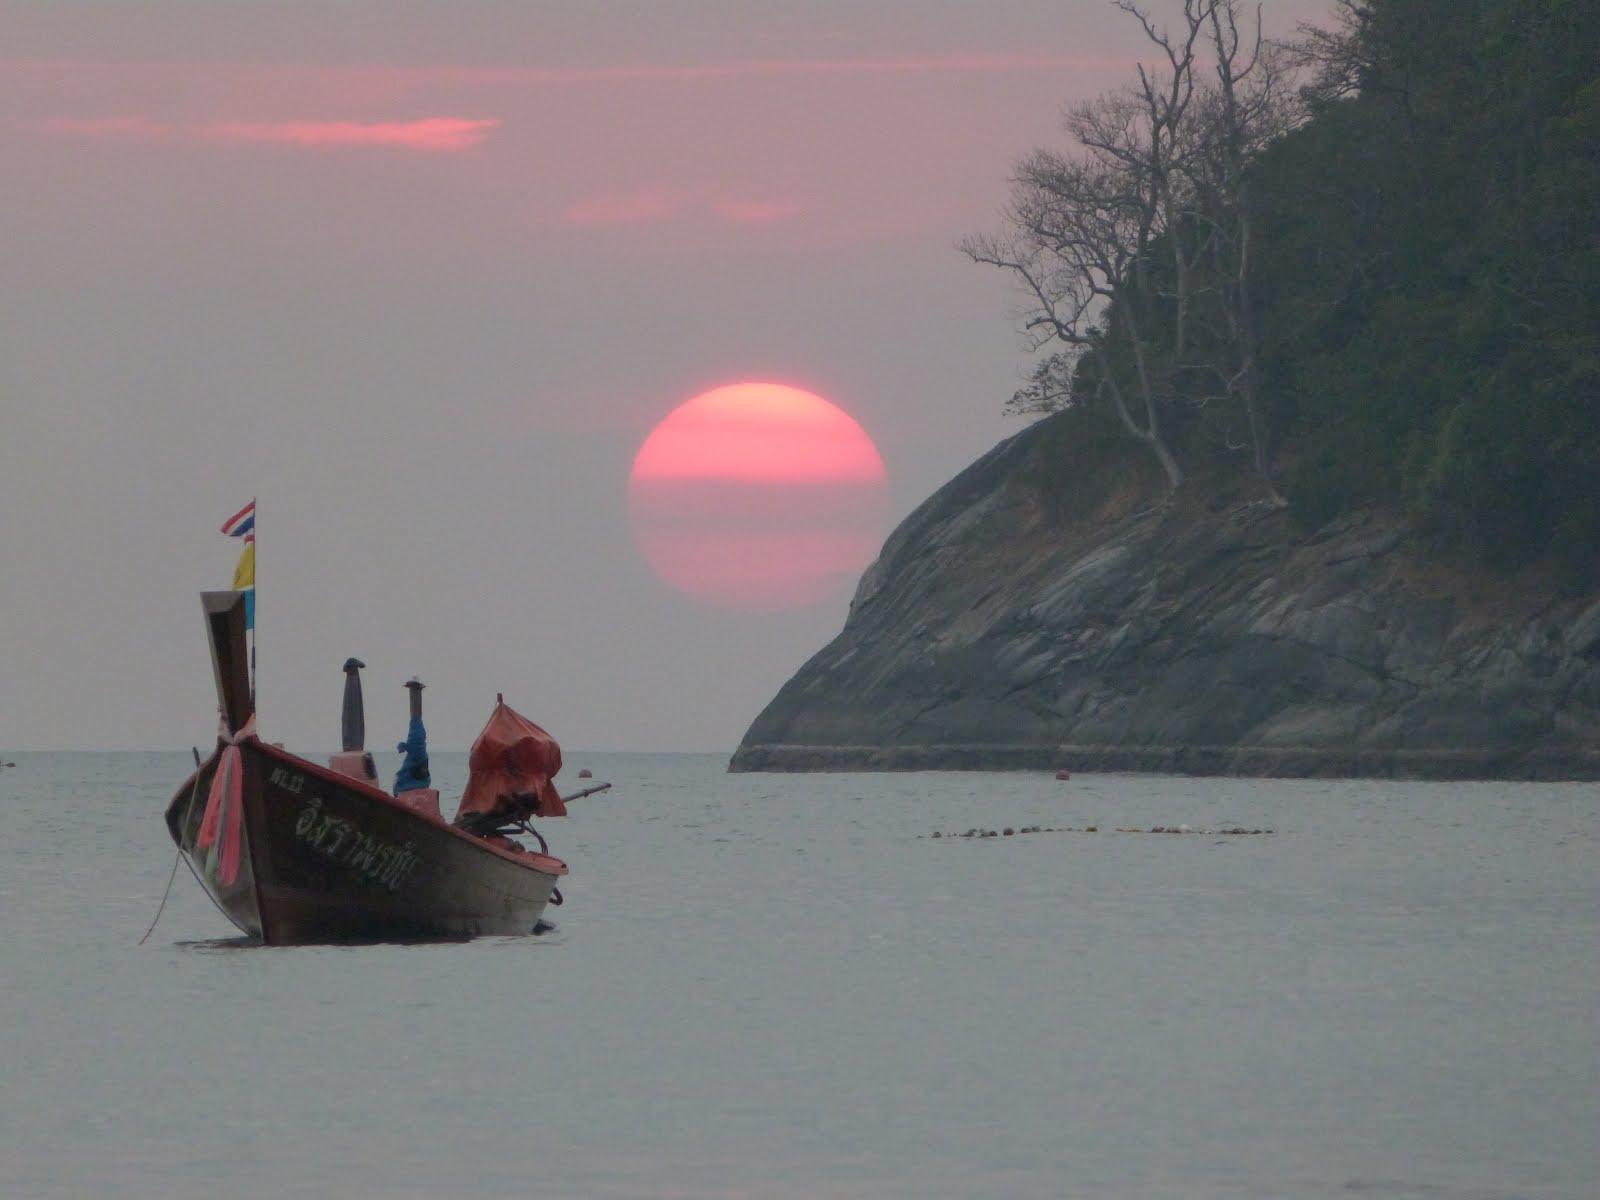 Nós Queremos Navegar: De Passagem Pela Vida